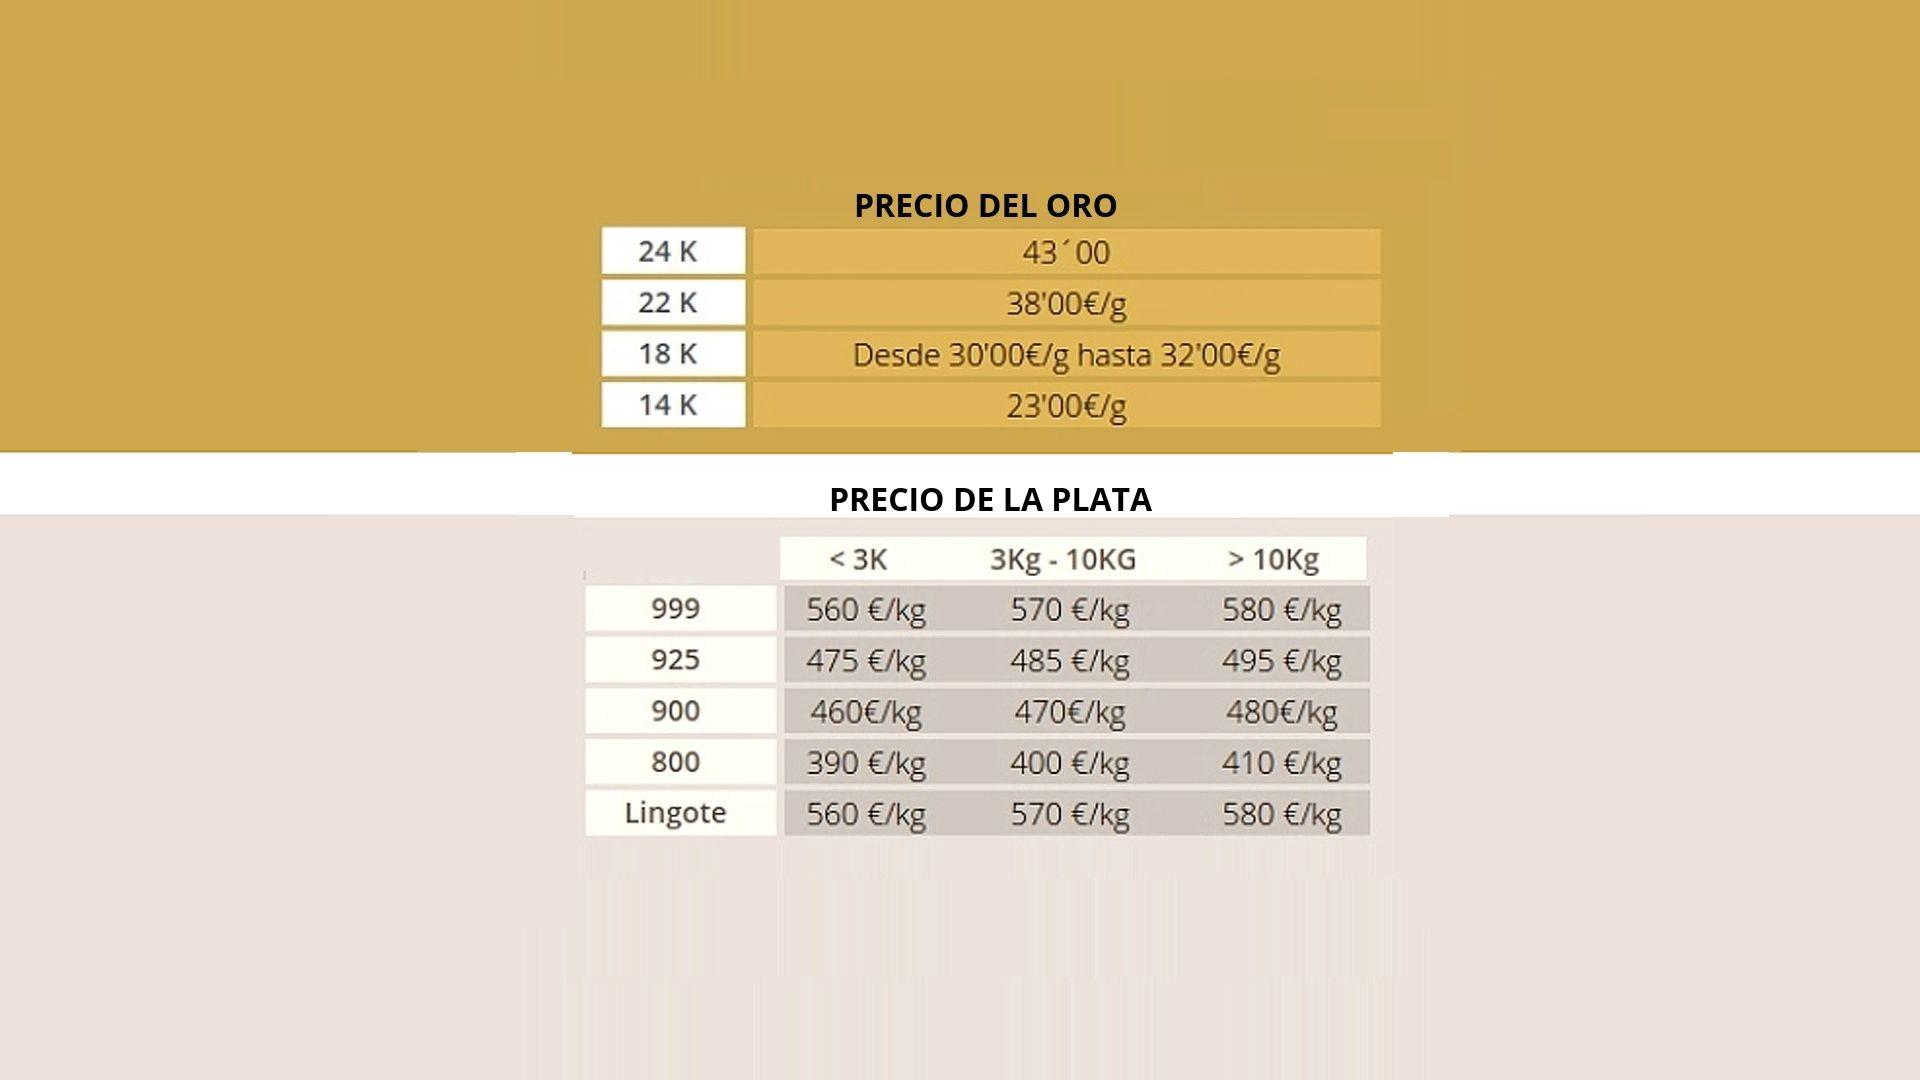 PRECIO DEL ORO Y DE LA PLATA ACTUALIZADO A 27/04/2021